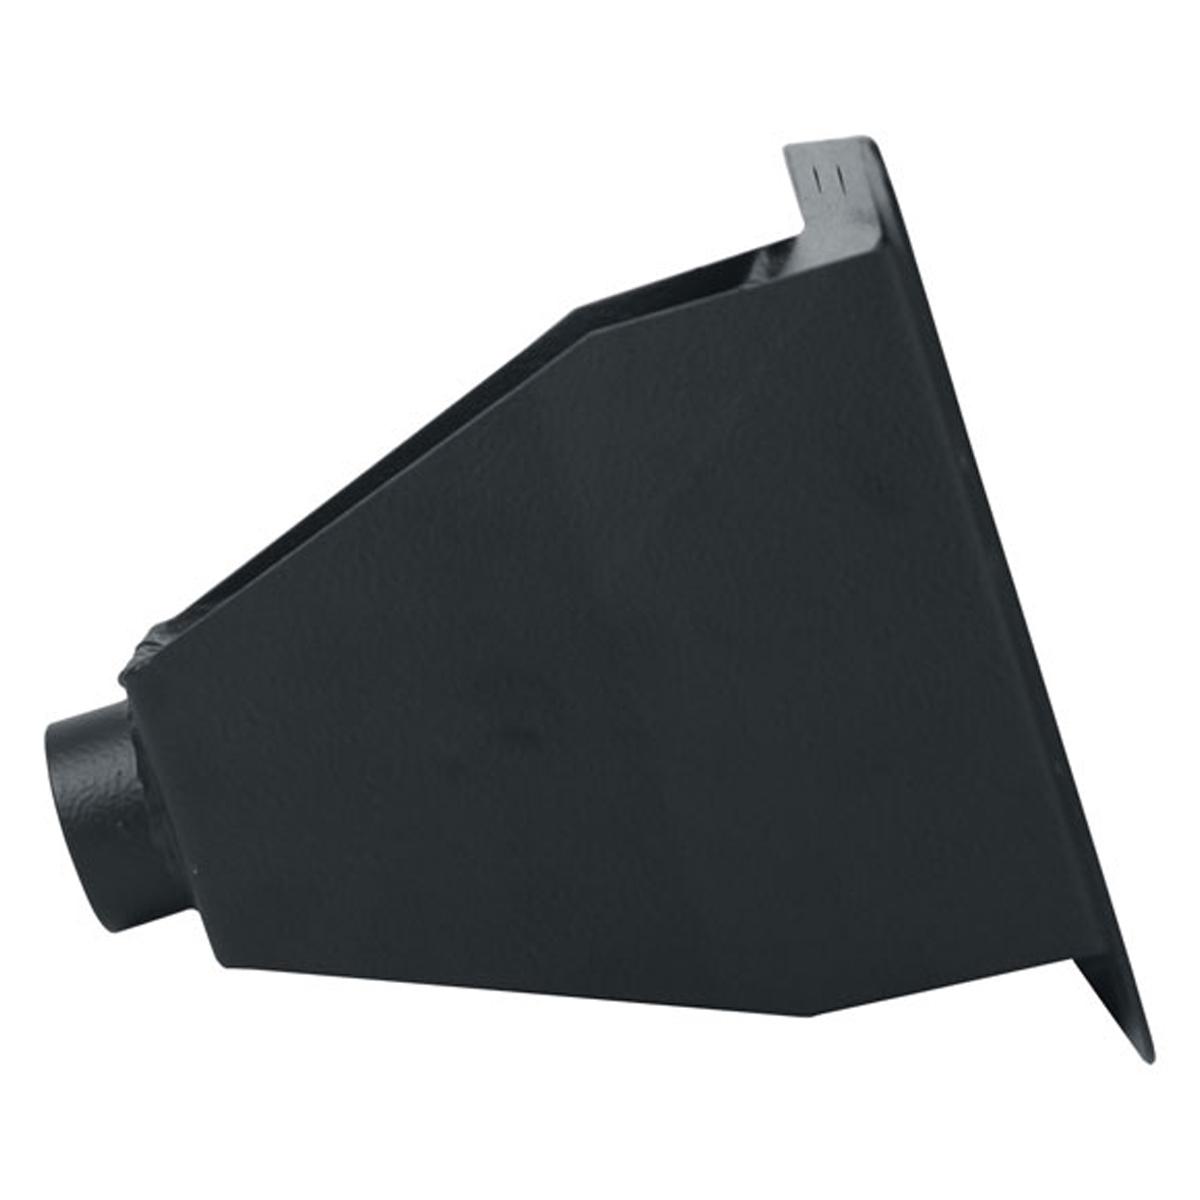 Corneta Guia de onde em Metal LUDOVICO LG 03 16x15x18 cm